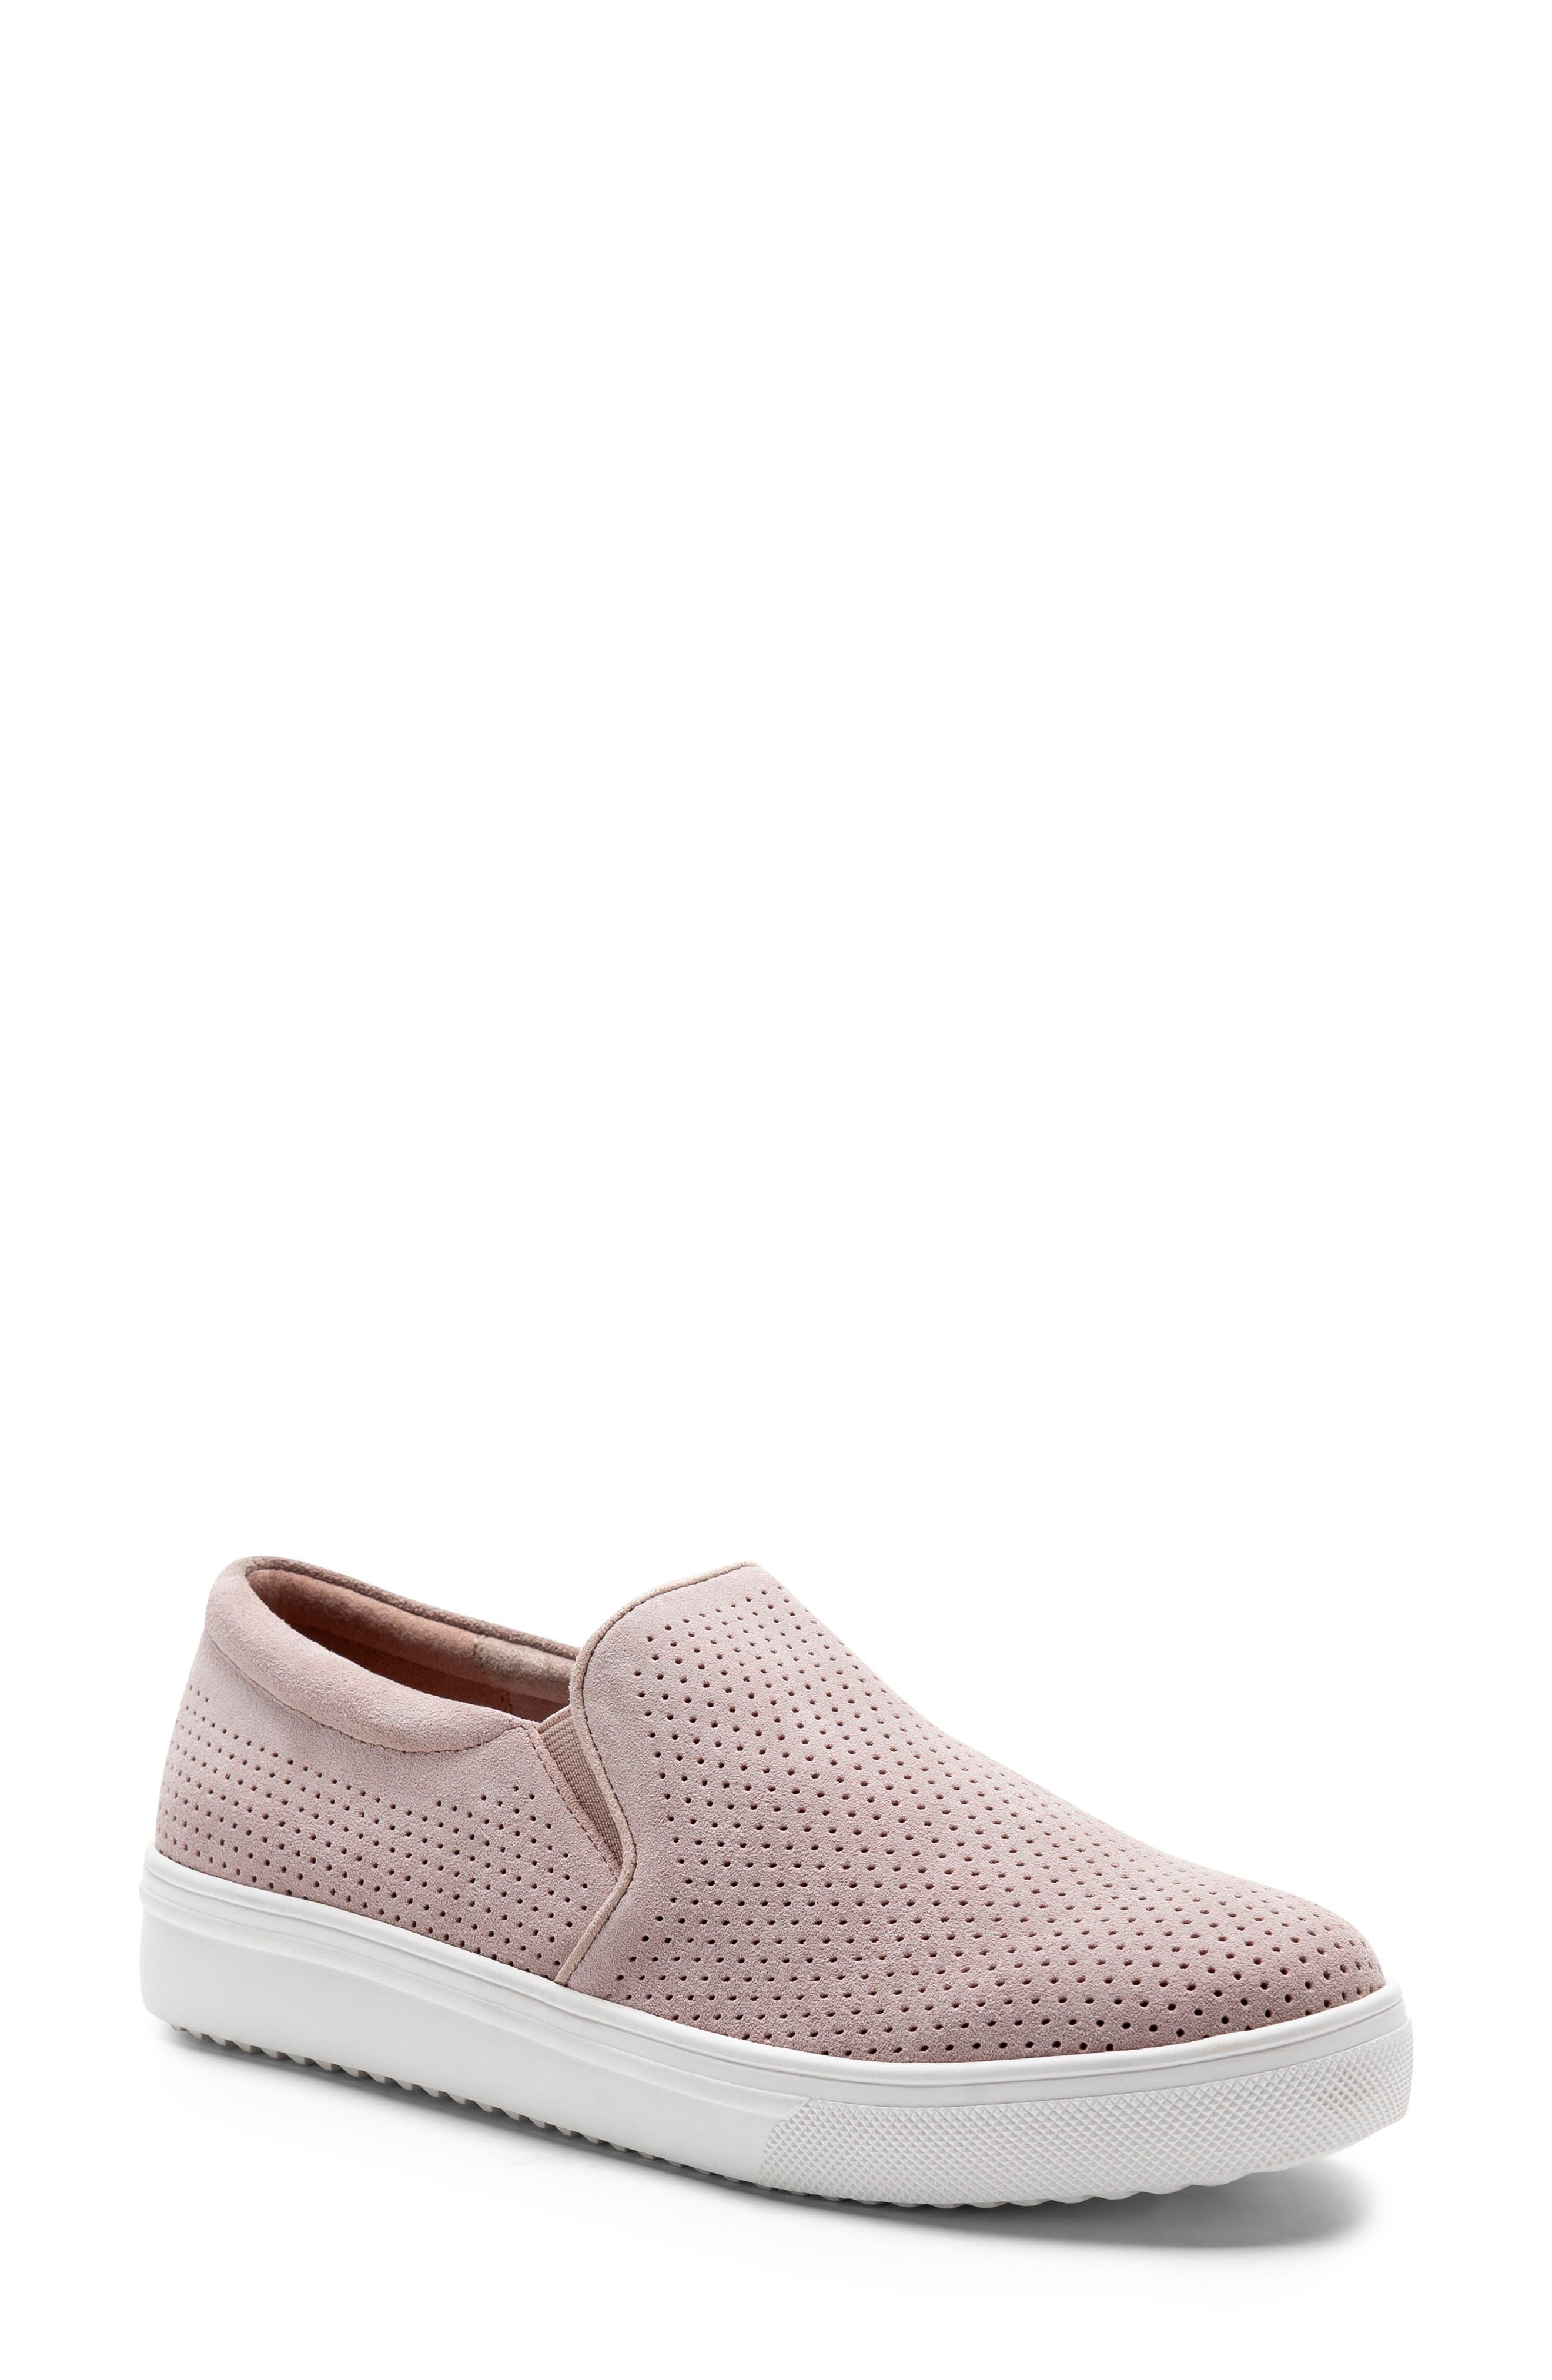 Blondo Gallert Perforated Waterproof Platform Sneaker, Pink